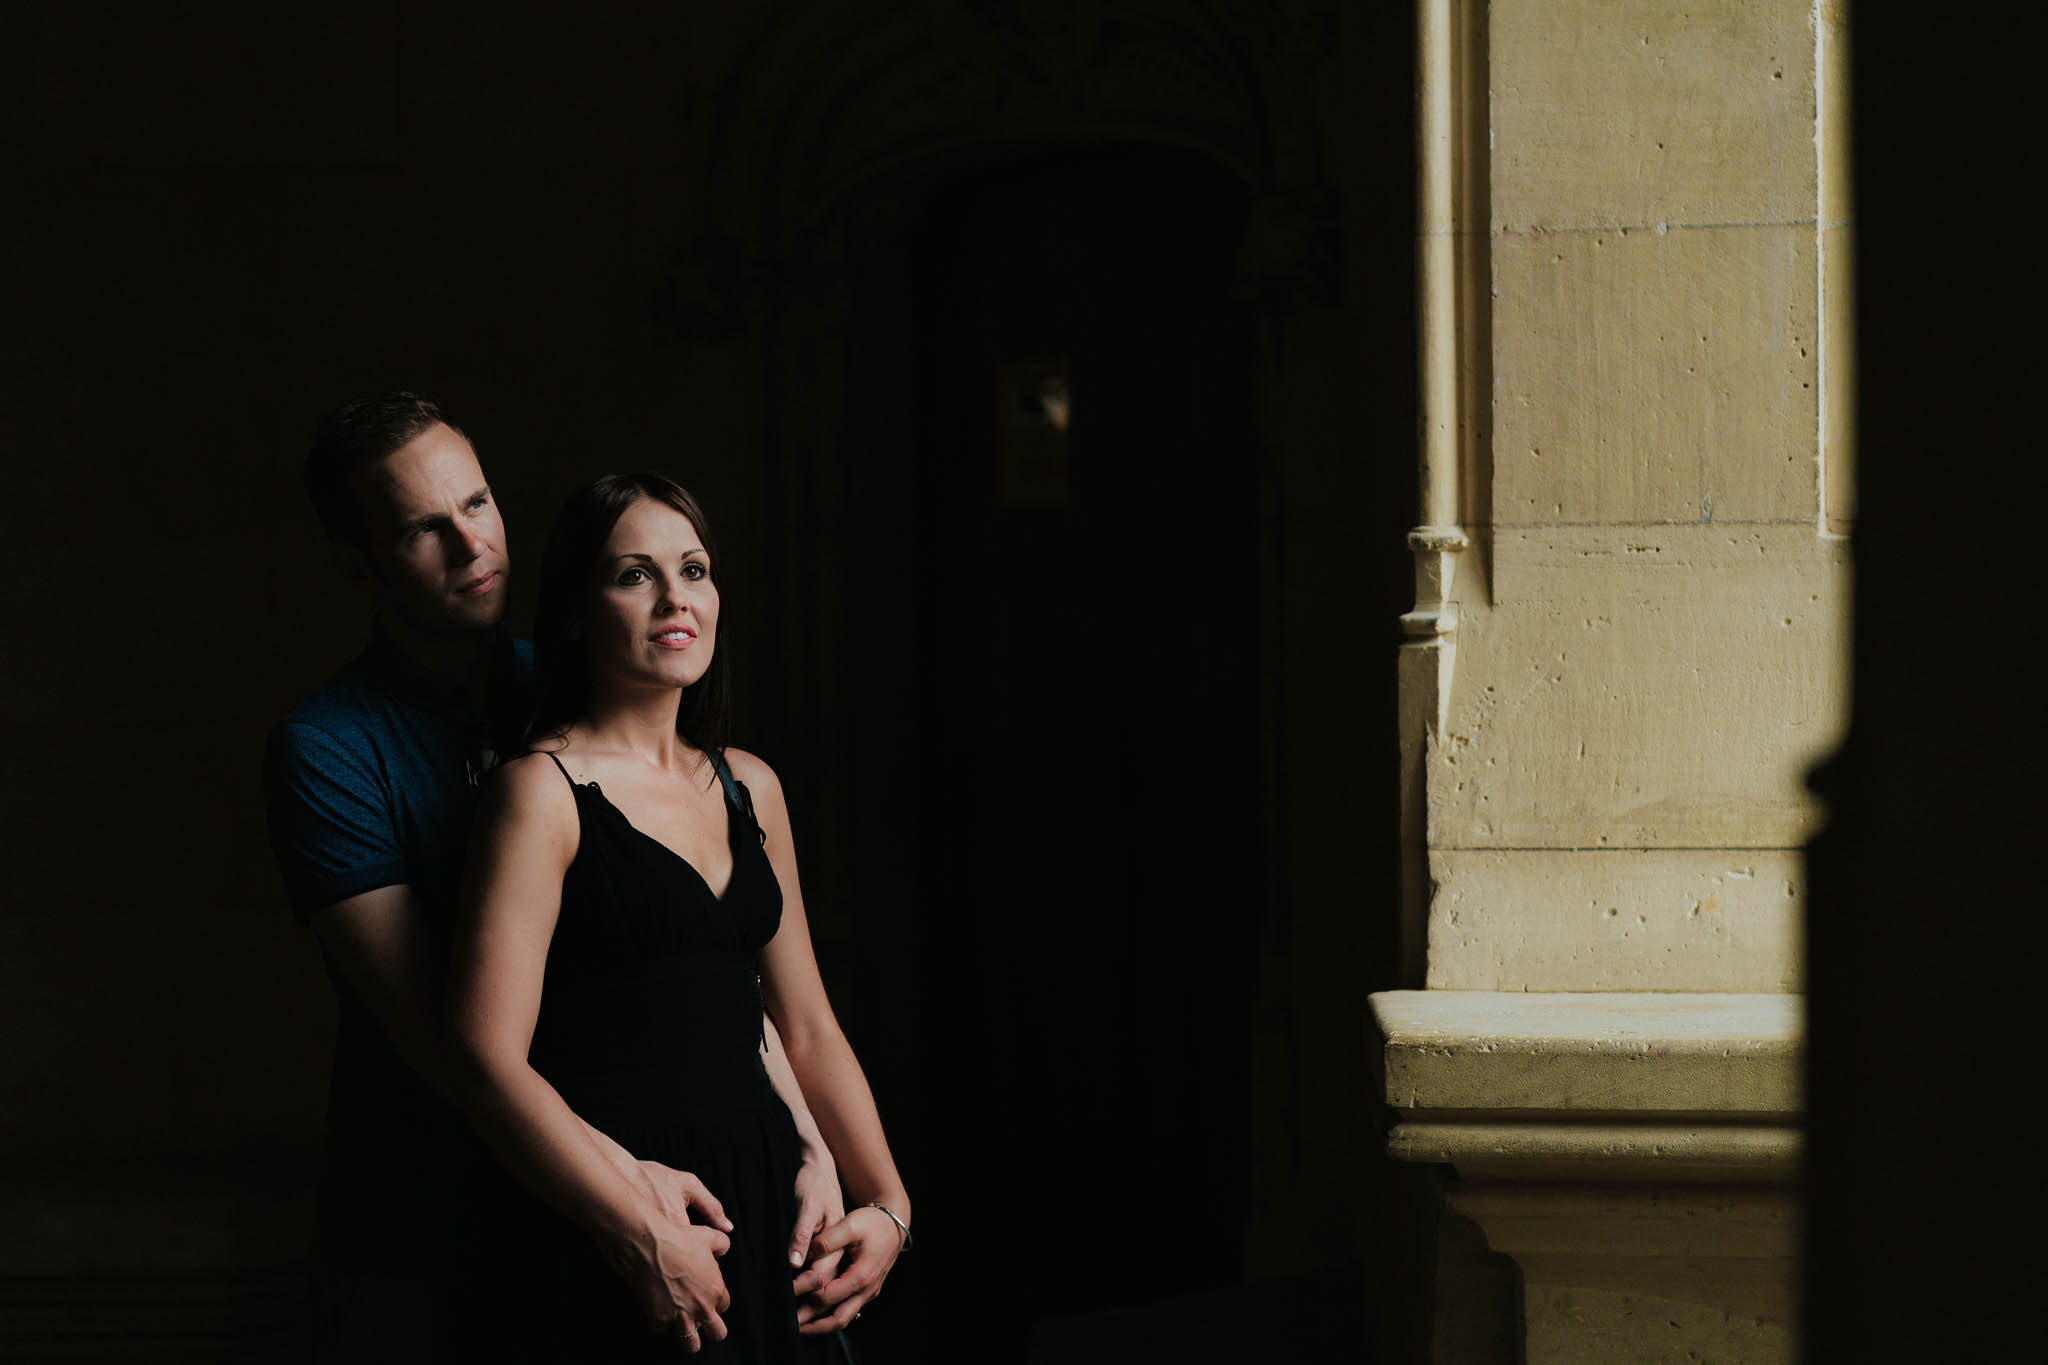 destination-wedding-photography-spain-palma-de-mallorca (29)